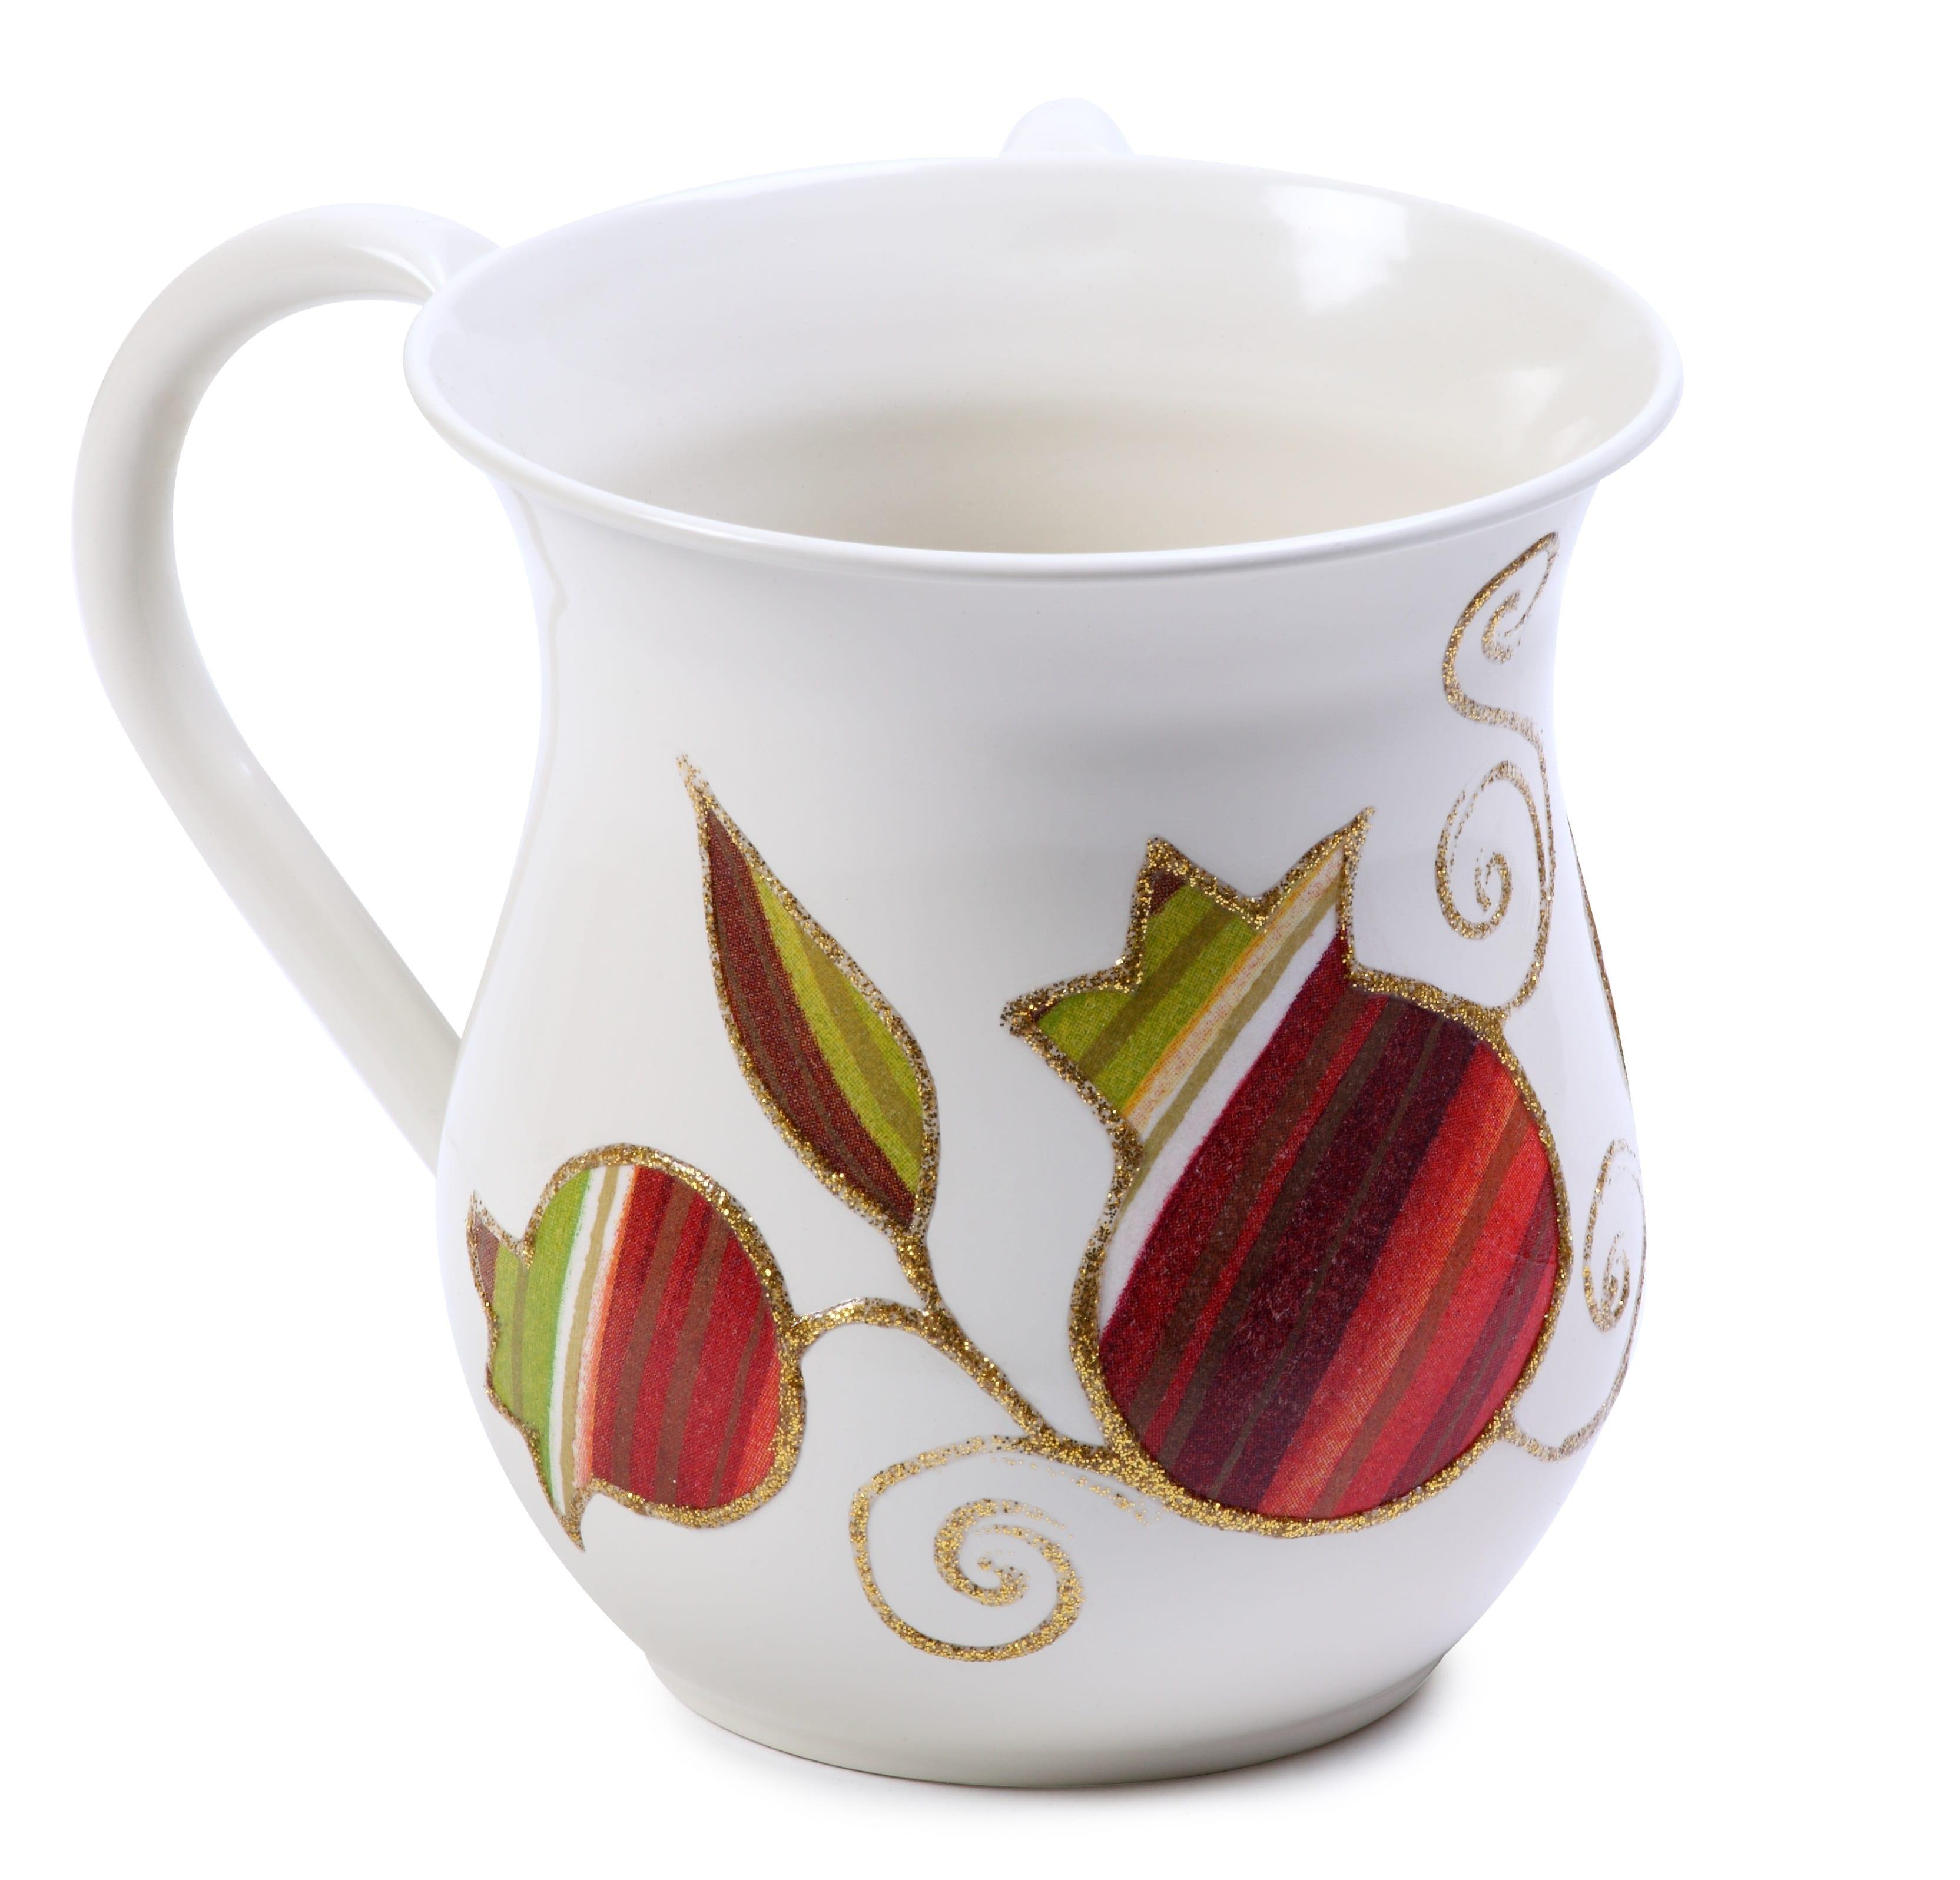 Washing Cup Netilat Yadayim Stripes Pomegranate